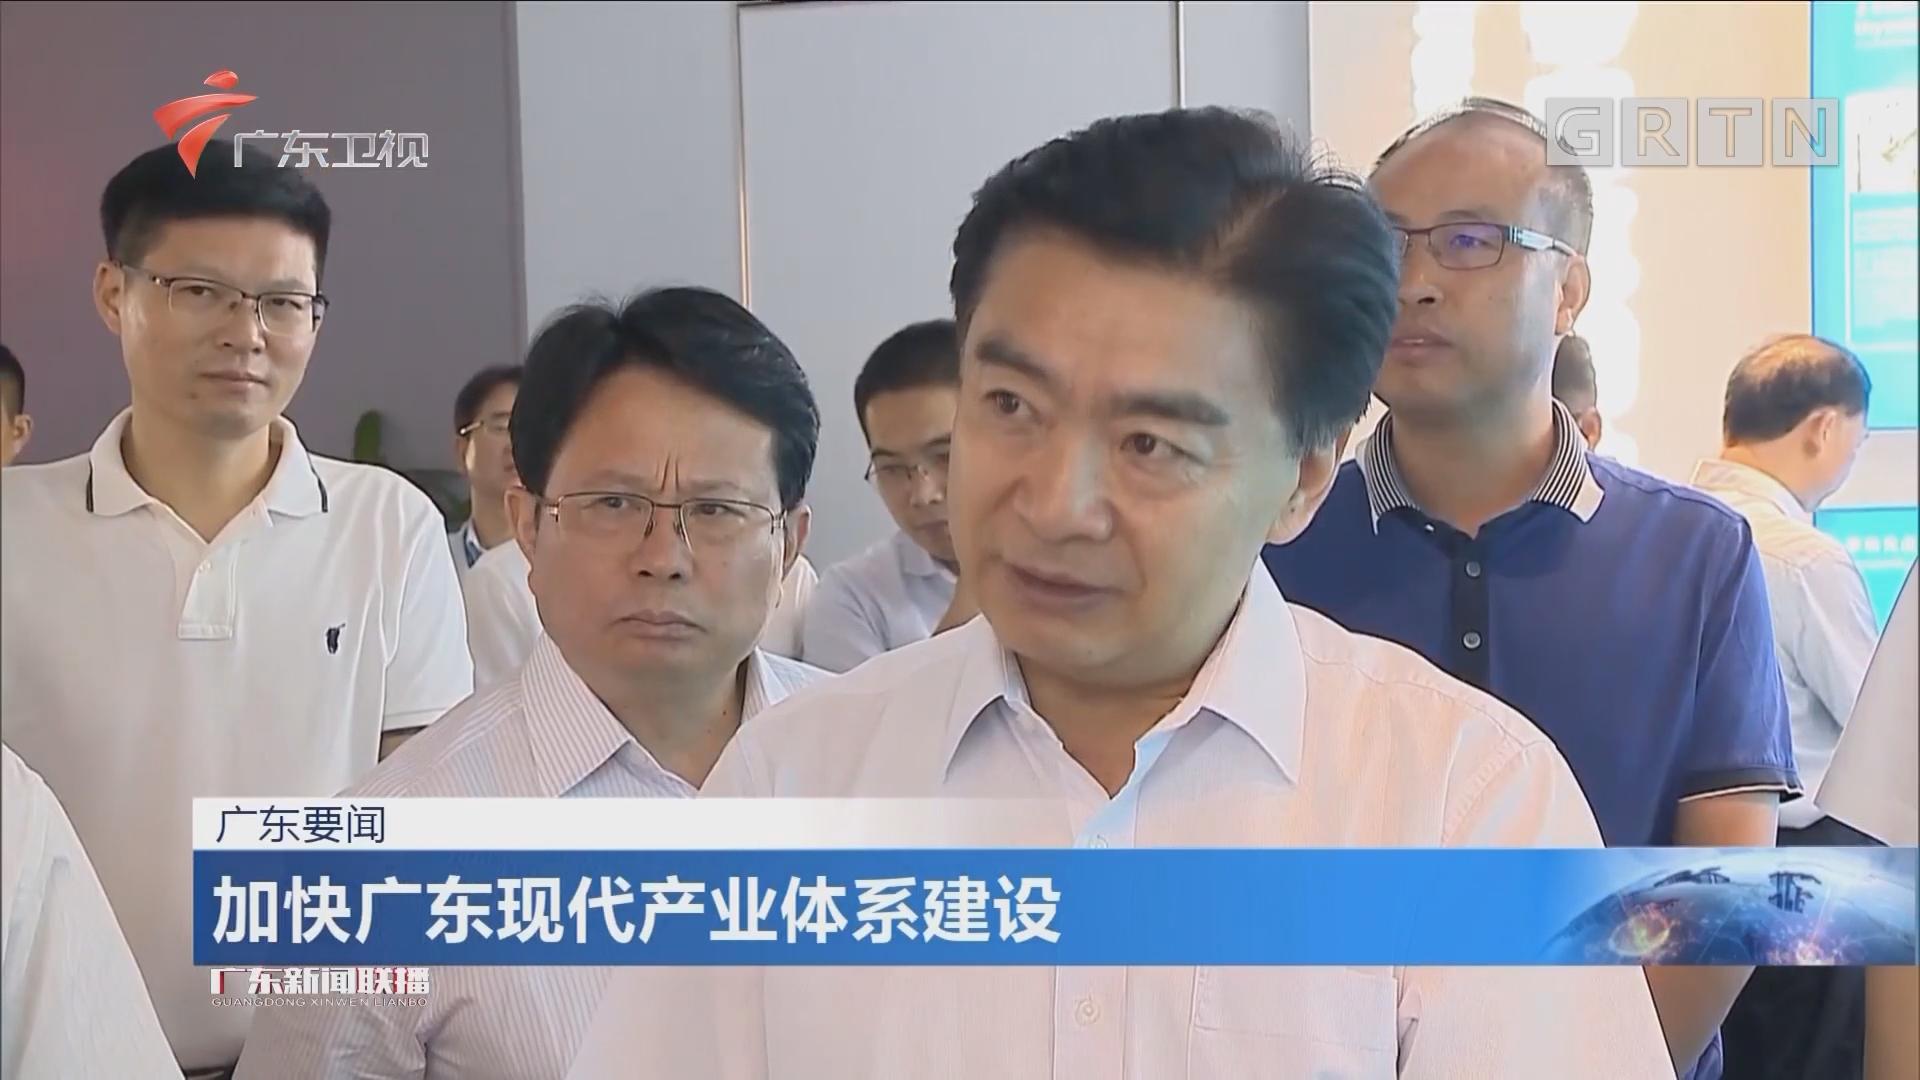 加快广东现代产业体系建设